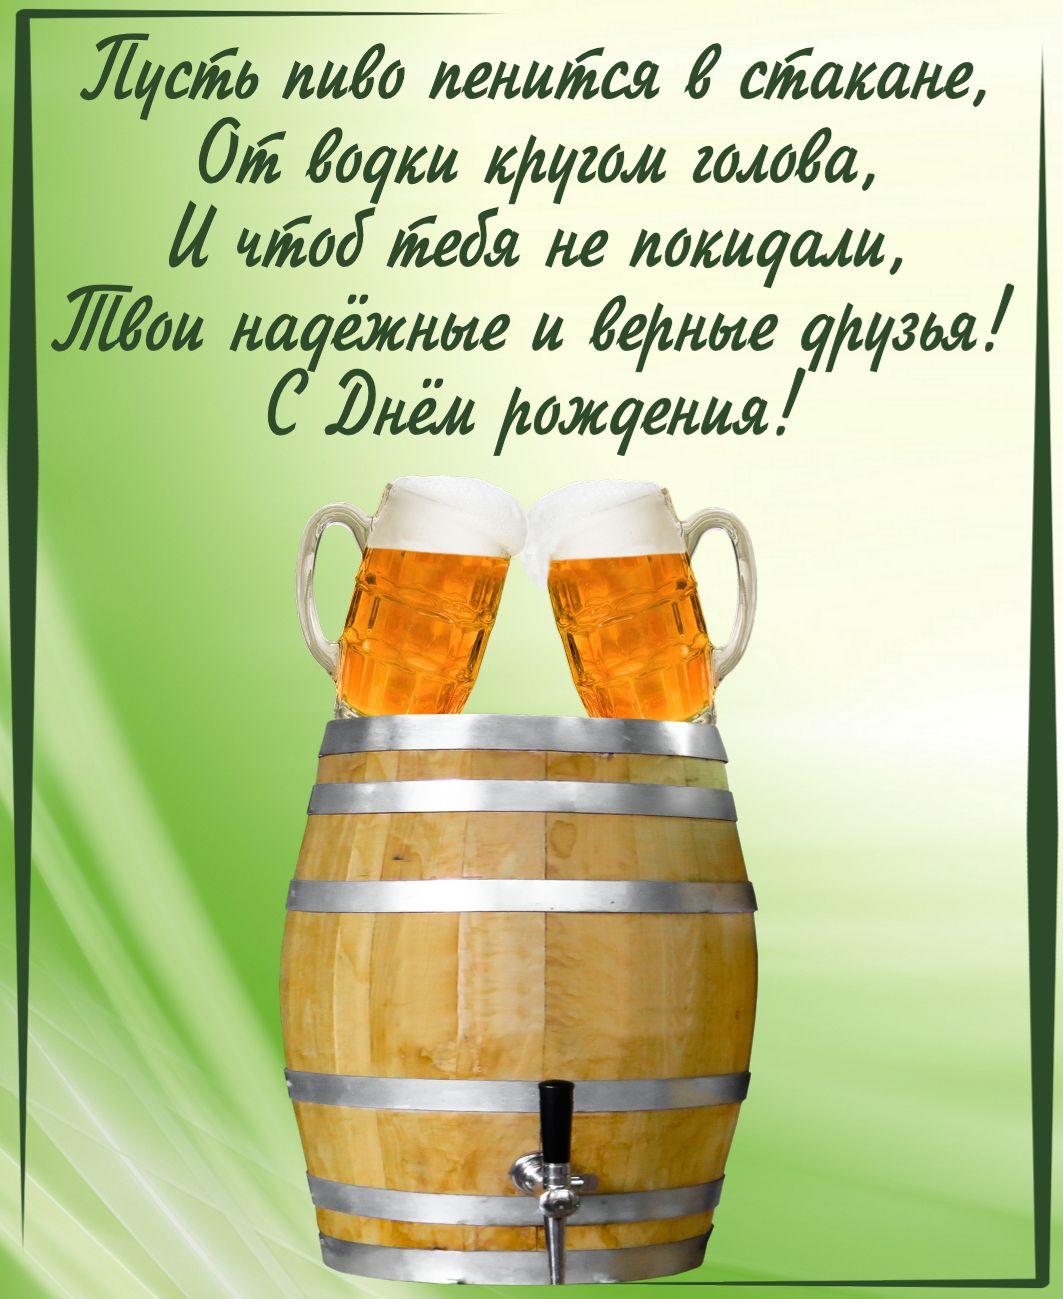 открытка - бочка и кружки с пивом для мужчины